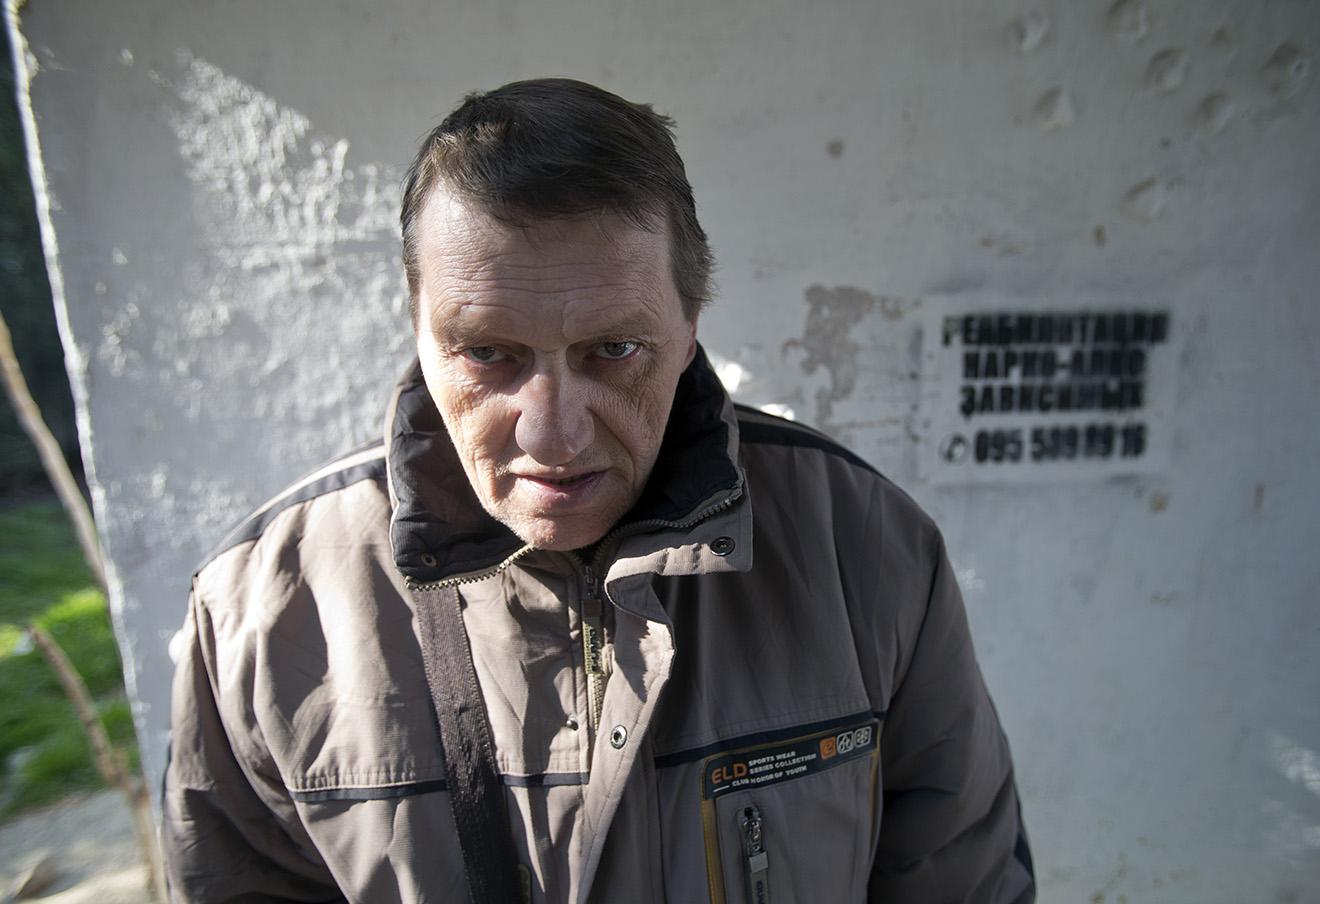 Бывший участник метадоновой заместительной терапии в Севастополе, апрель 2014 года.